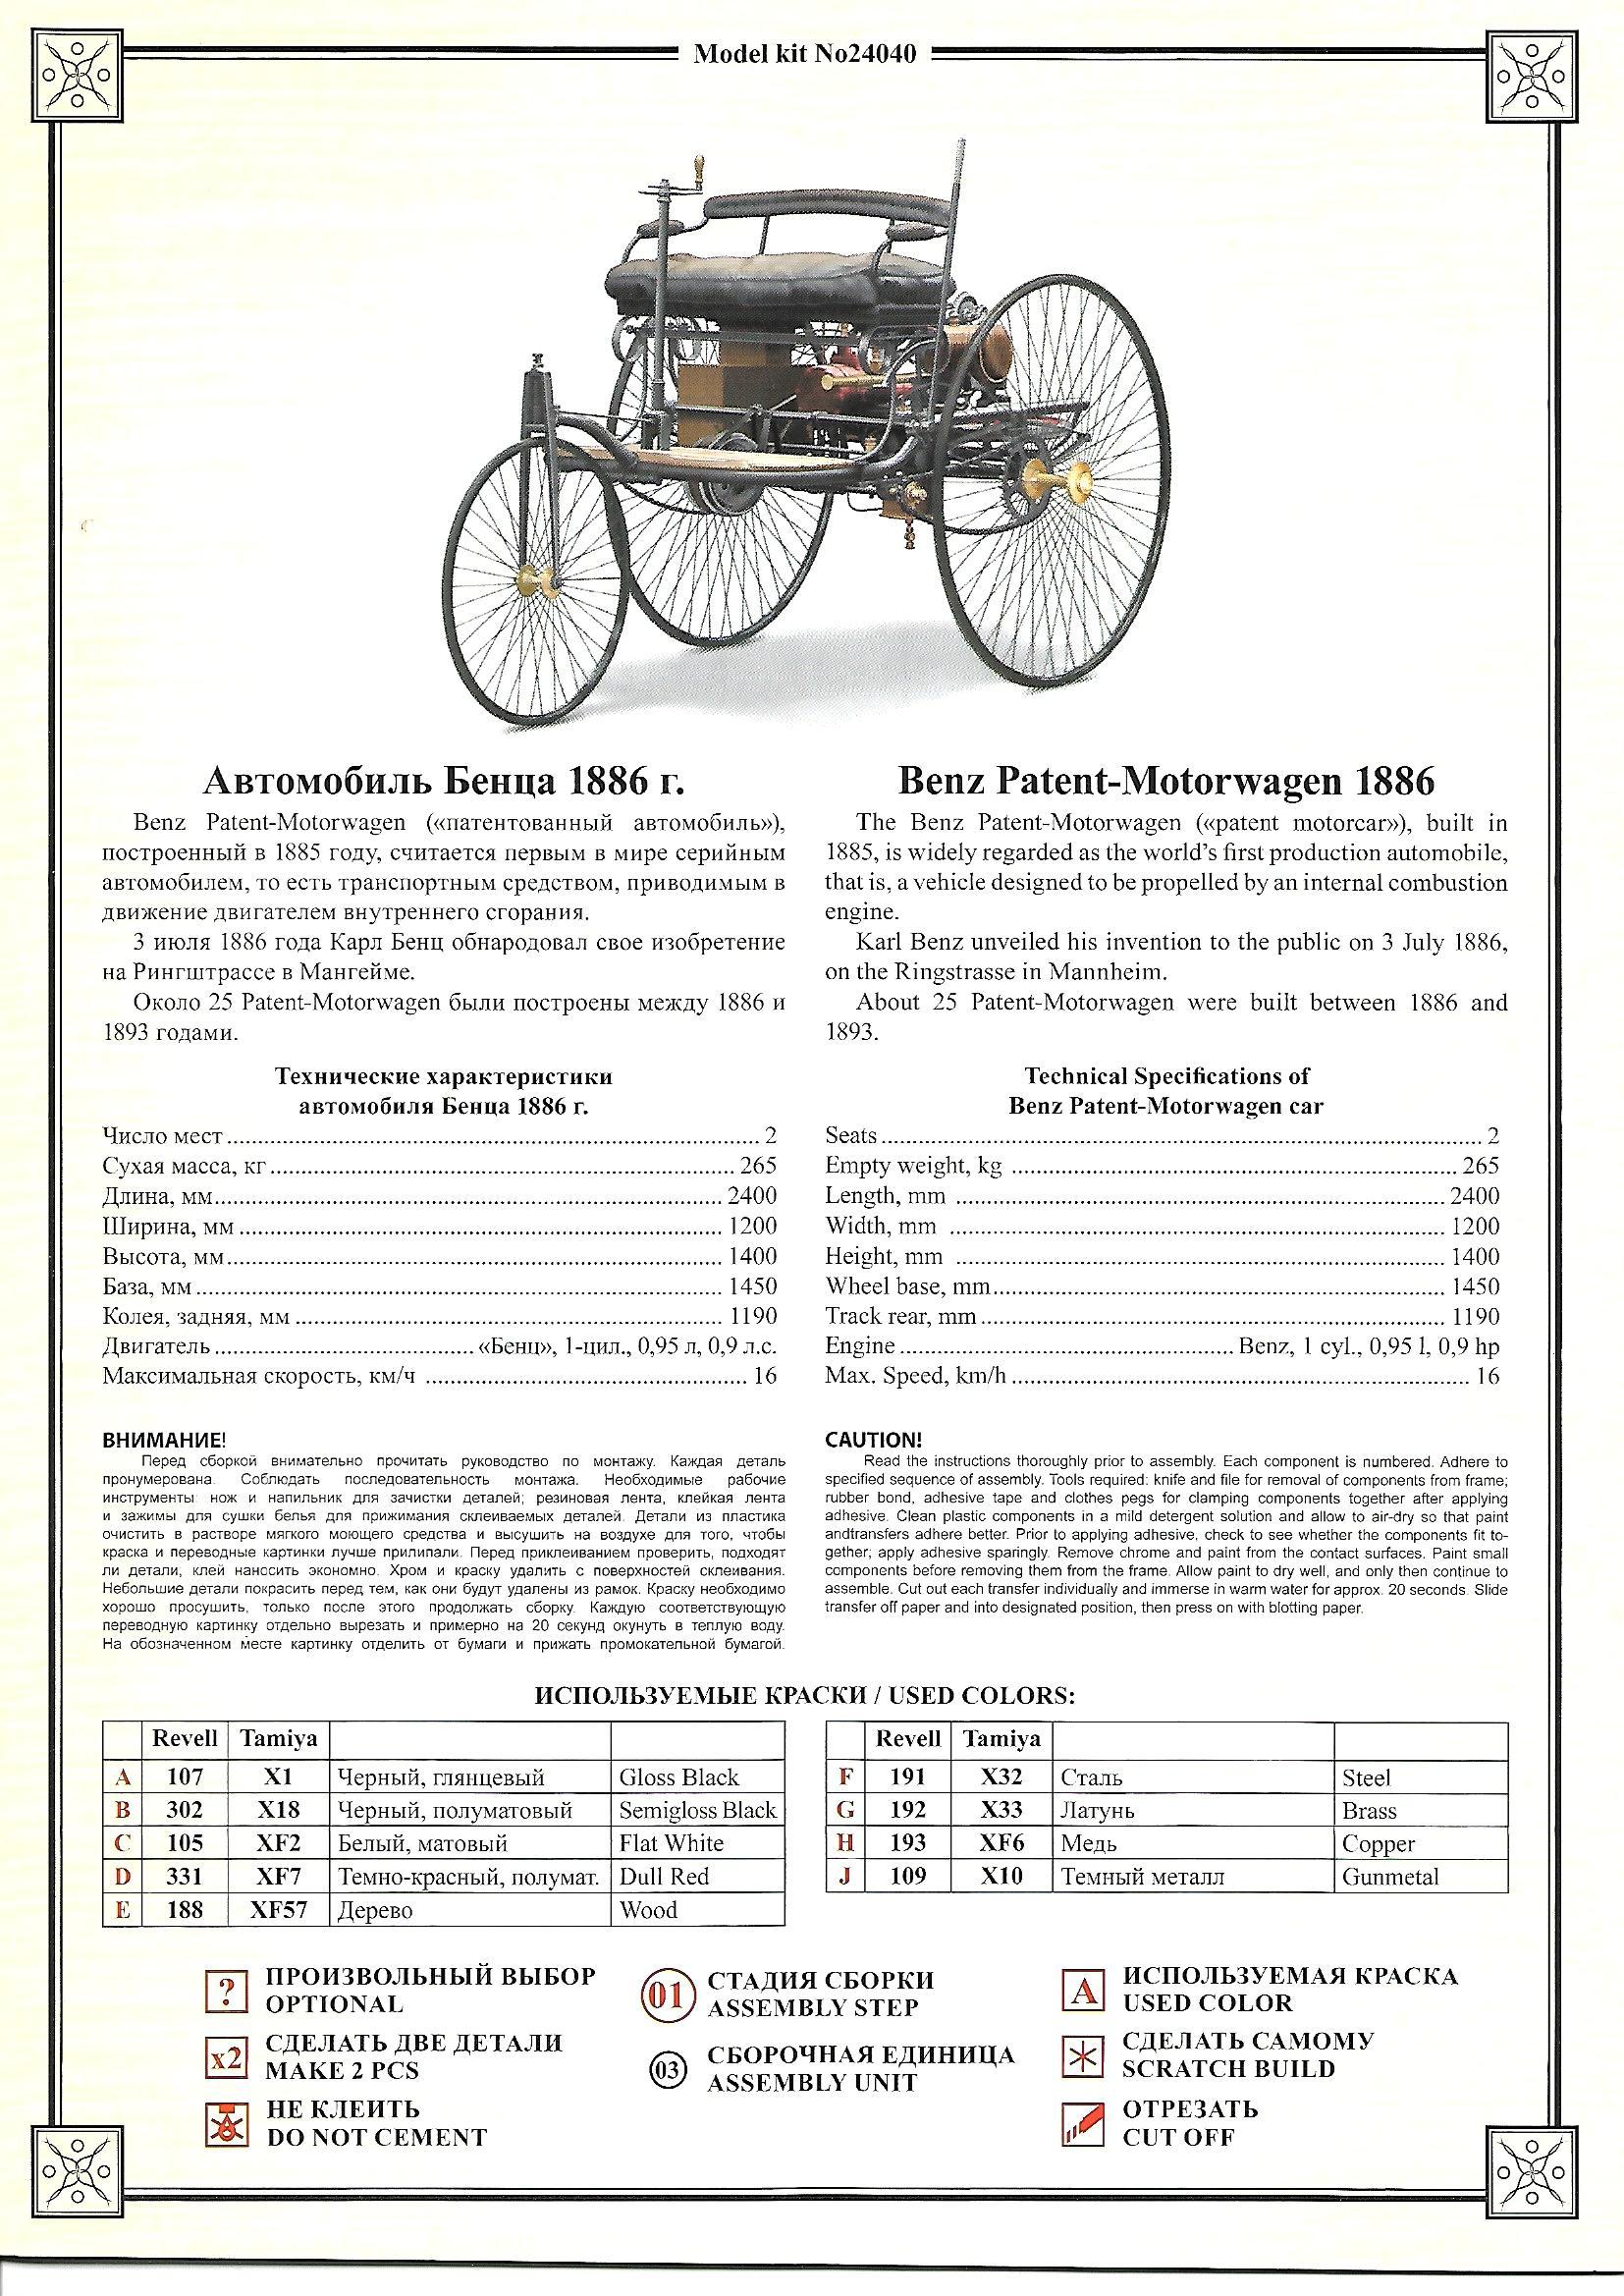 Motorbenz6 Benz Patent-Motorwagen in 1:24 von ICM #24040